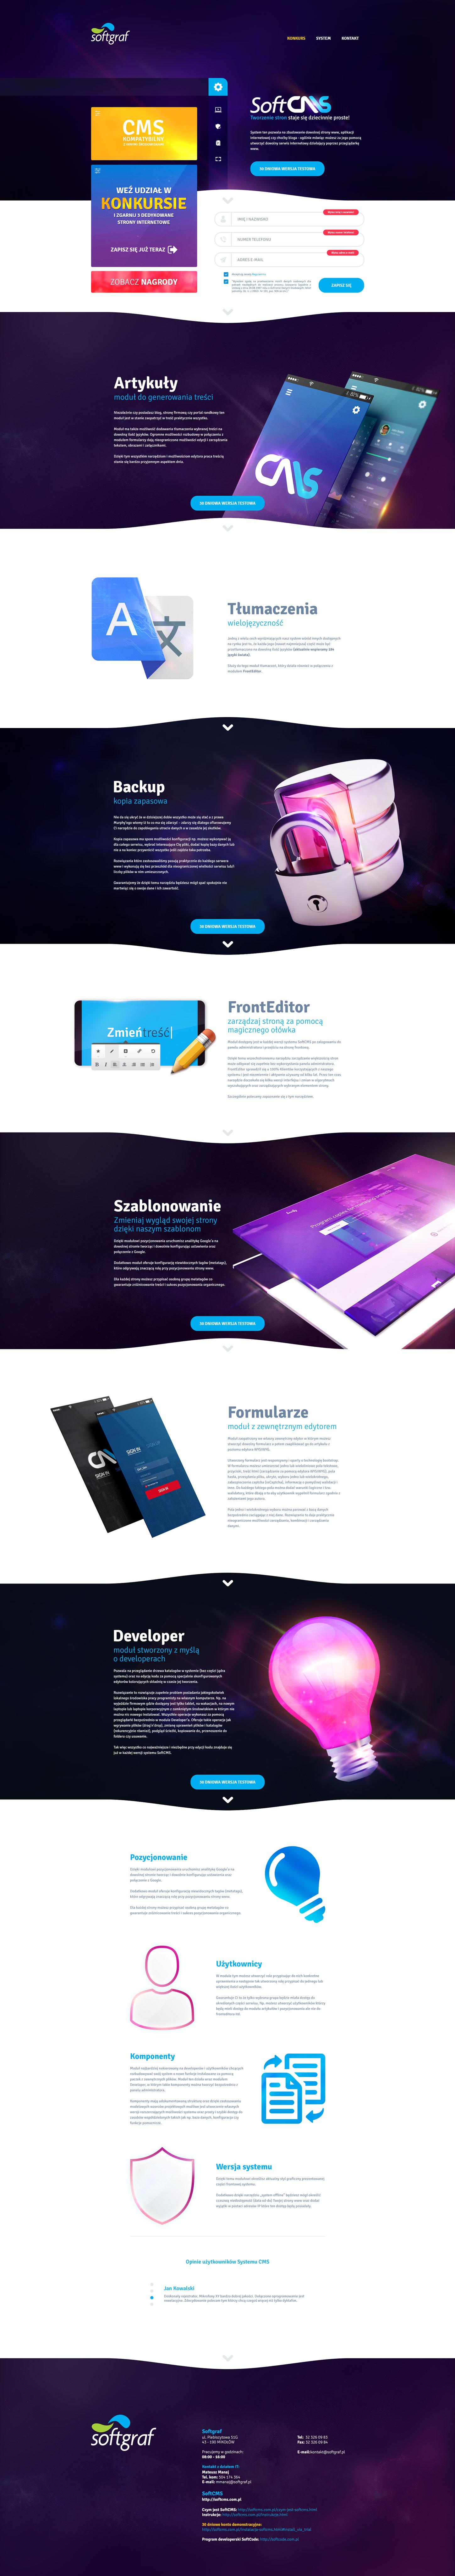 Projekt strony internetowej SoftCMS - zaawansowany system CMS, kreator stron internetowych, aplikacje internetowe blog